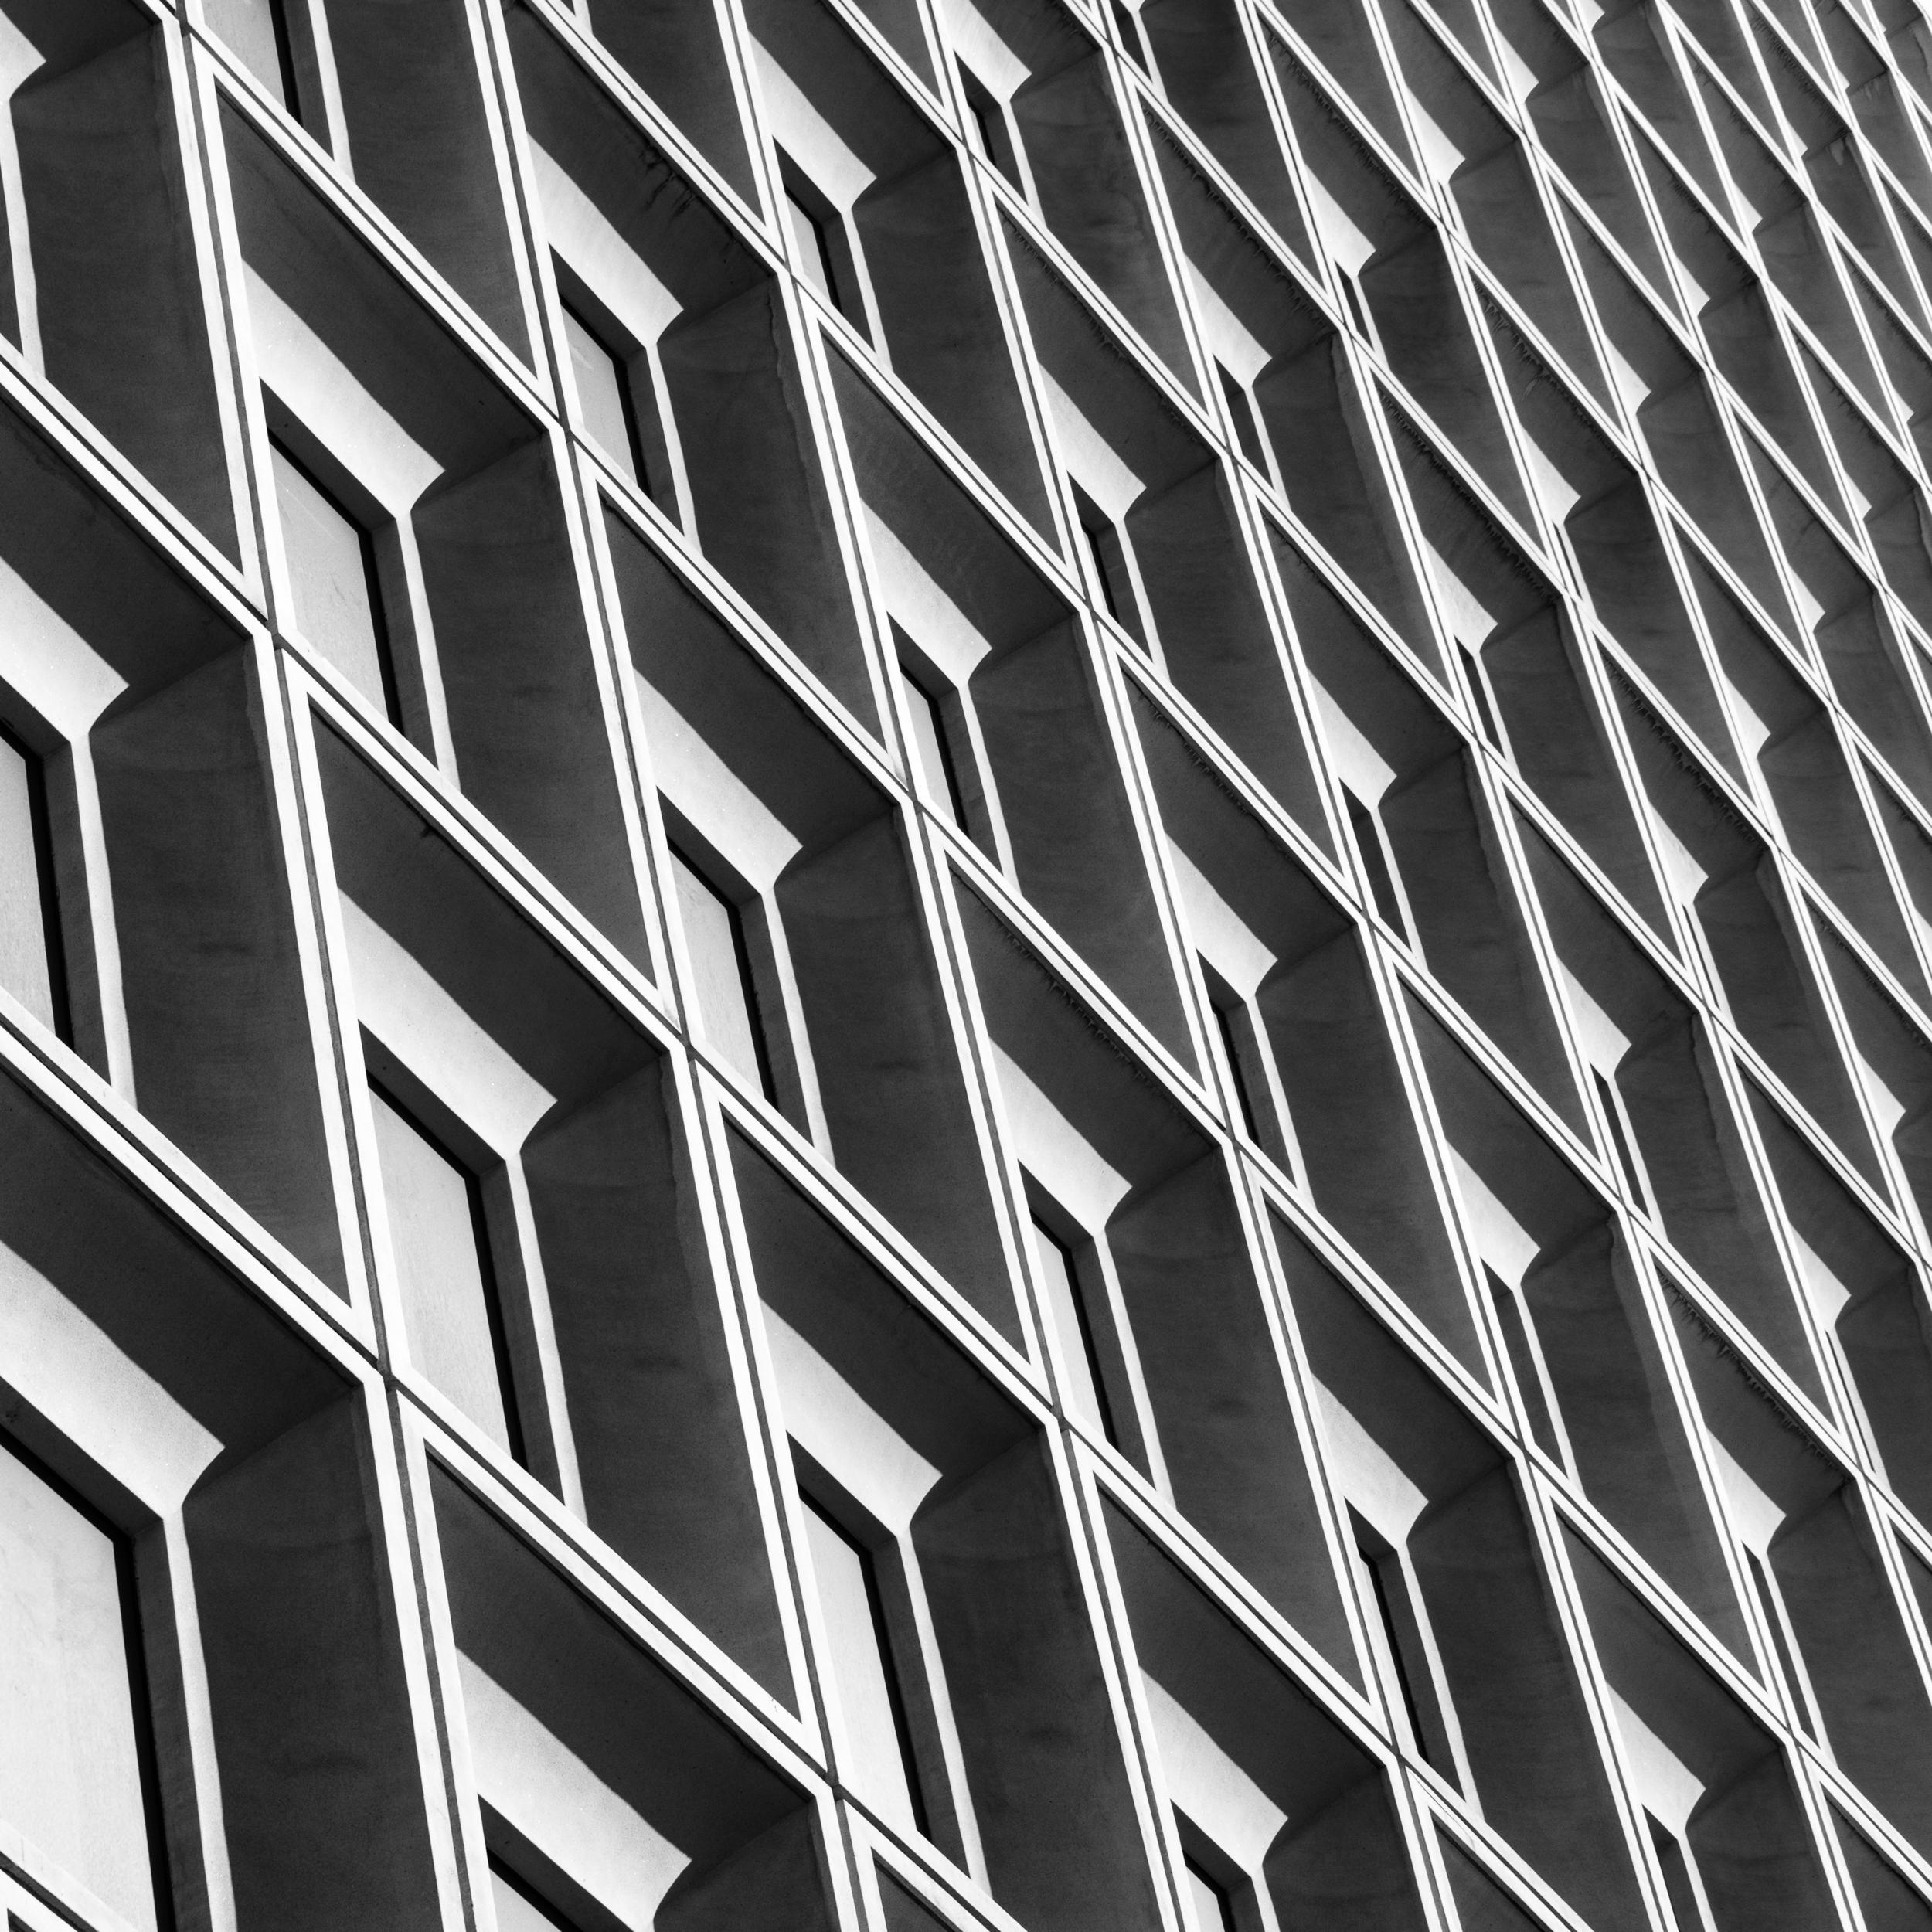 JAMES K HAHN CITY HALL EAST_001.jpg